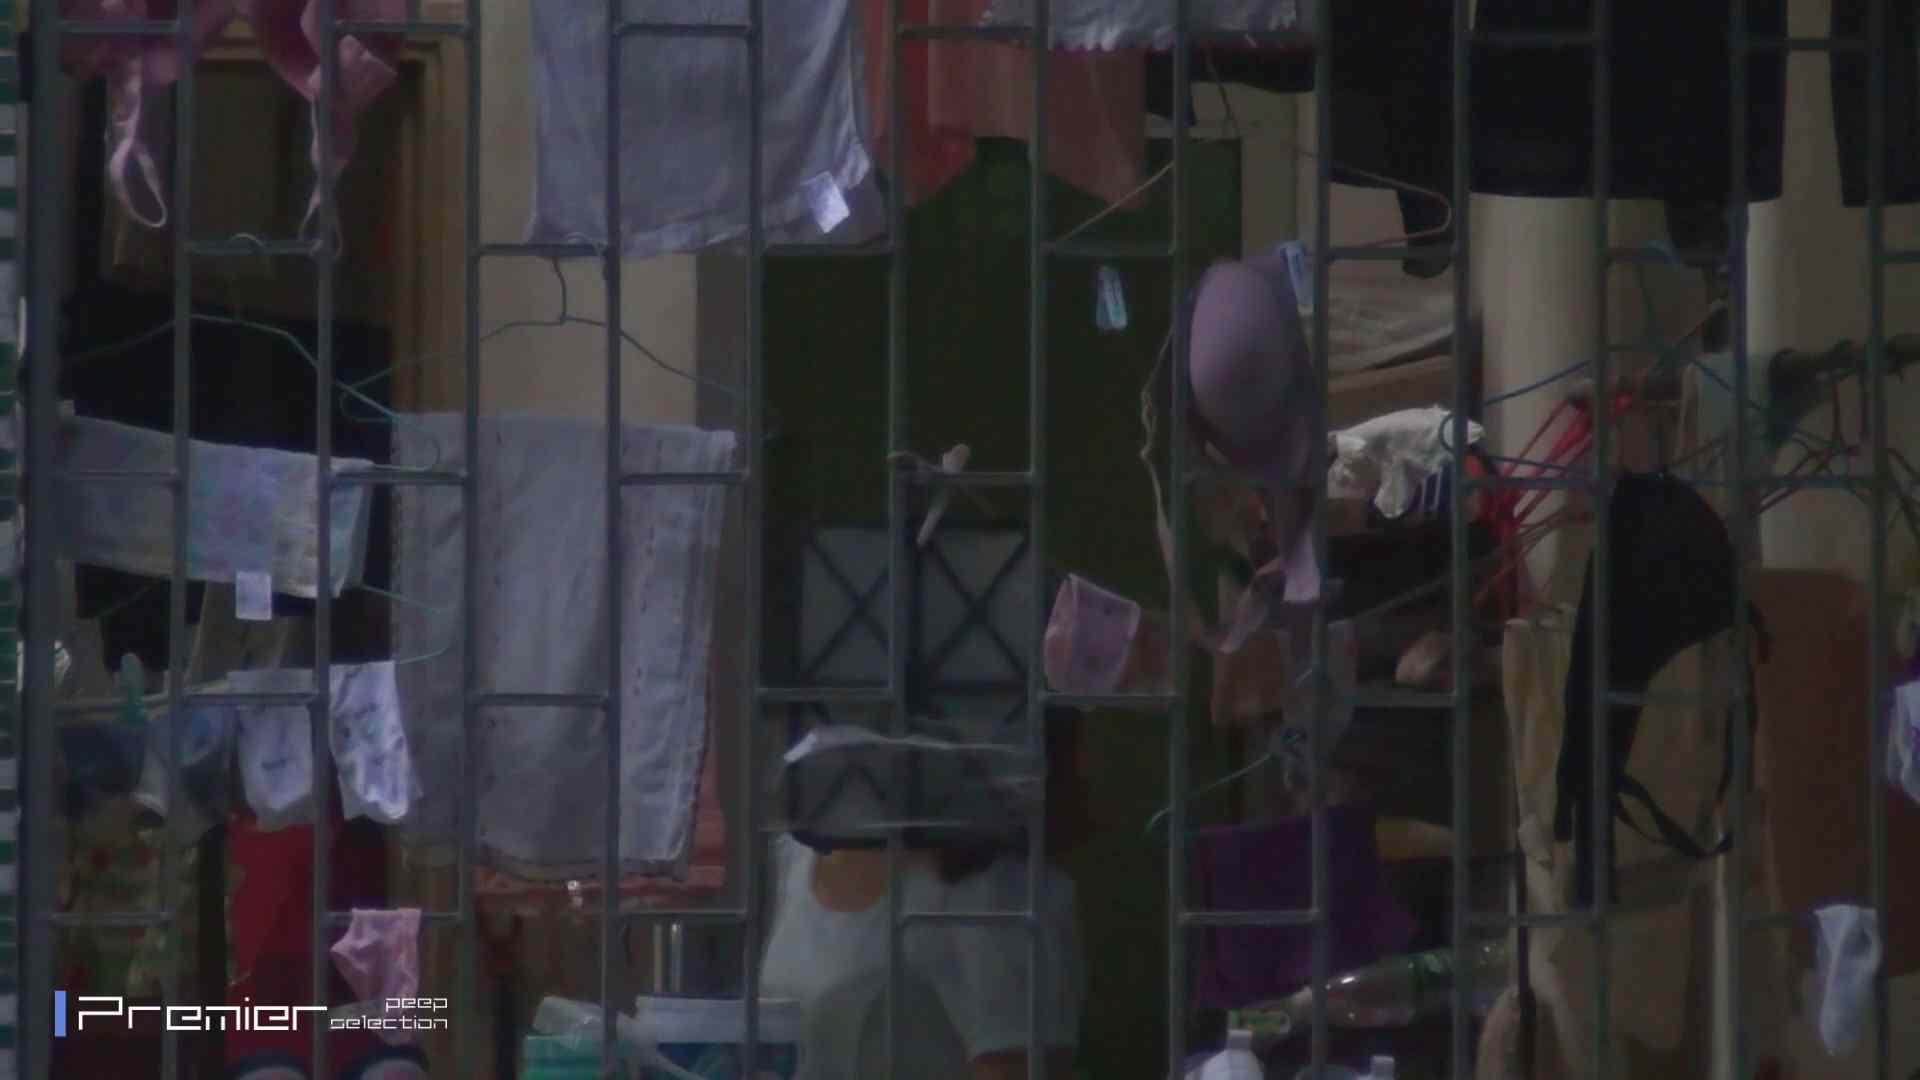 激撮り美女の洗顔シーン Vol.05 美女の痴態に密着! 女体盗撮  46連発 14